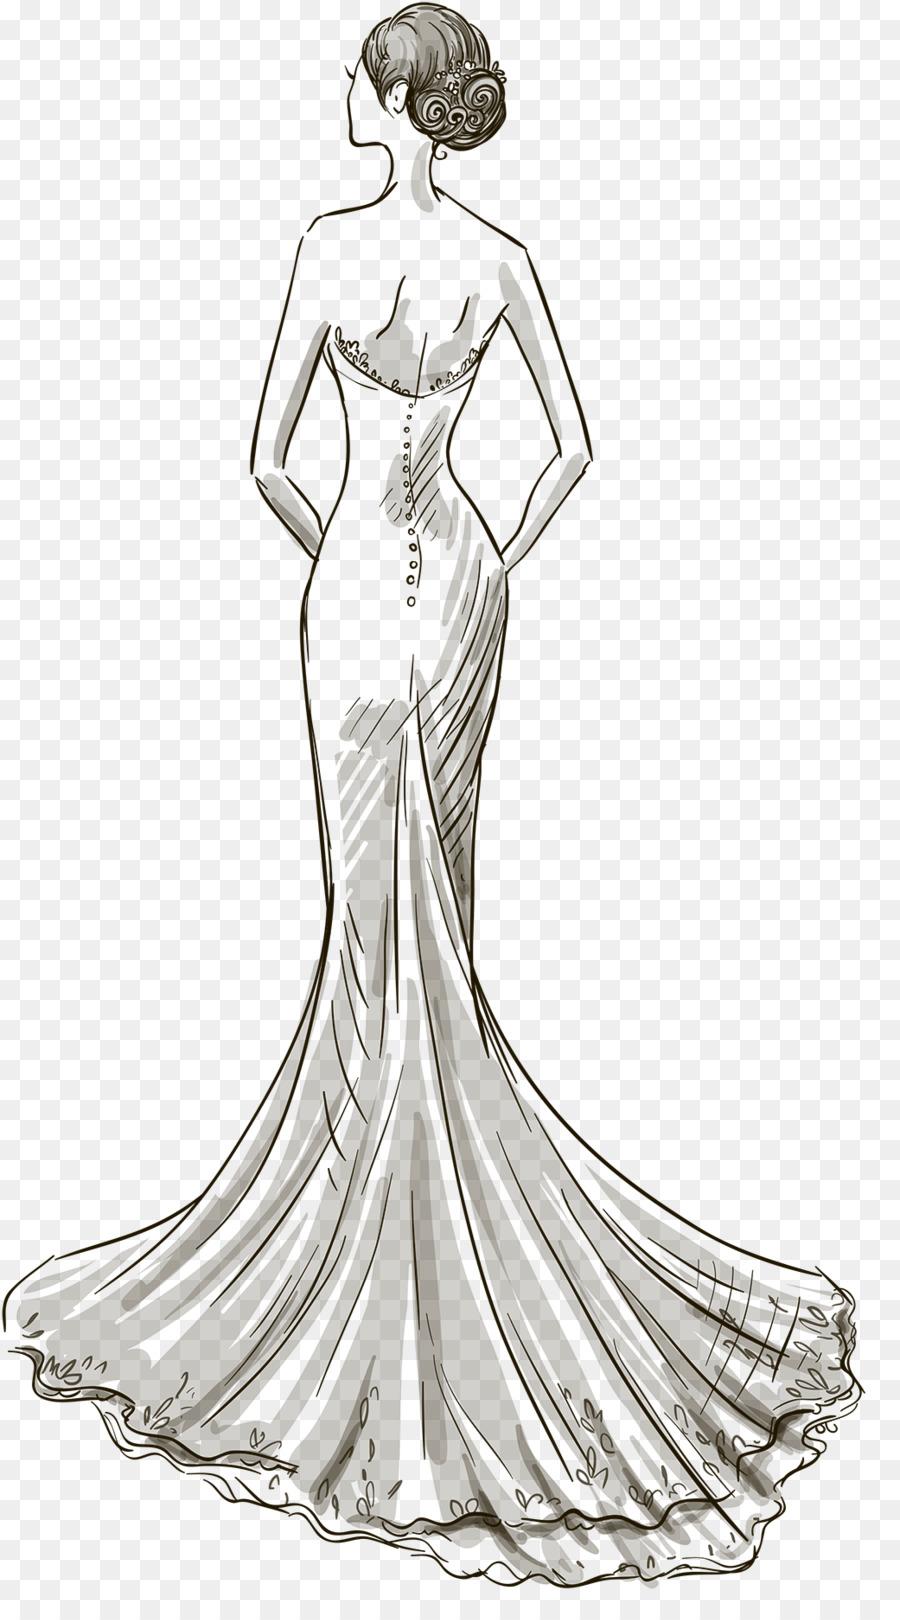 بالصور رسم فساتين زفاف , طريقه رسم فستان الزفاف 12611 13